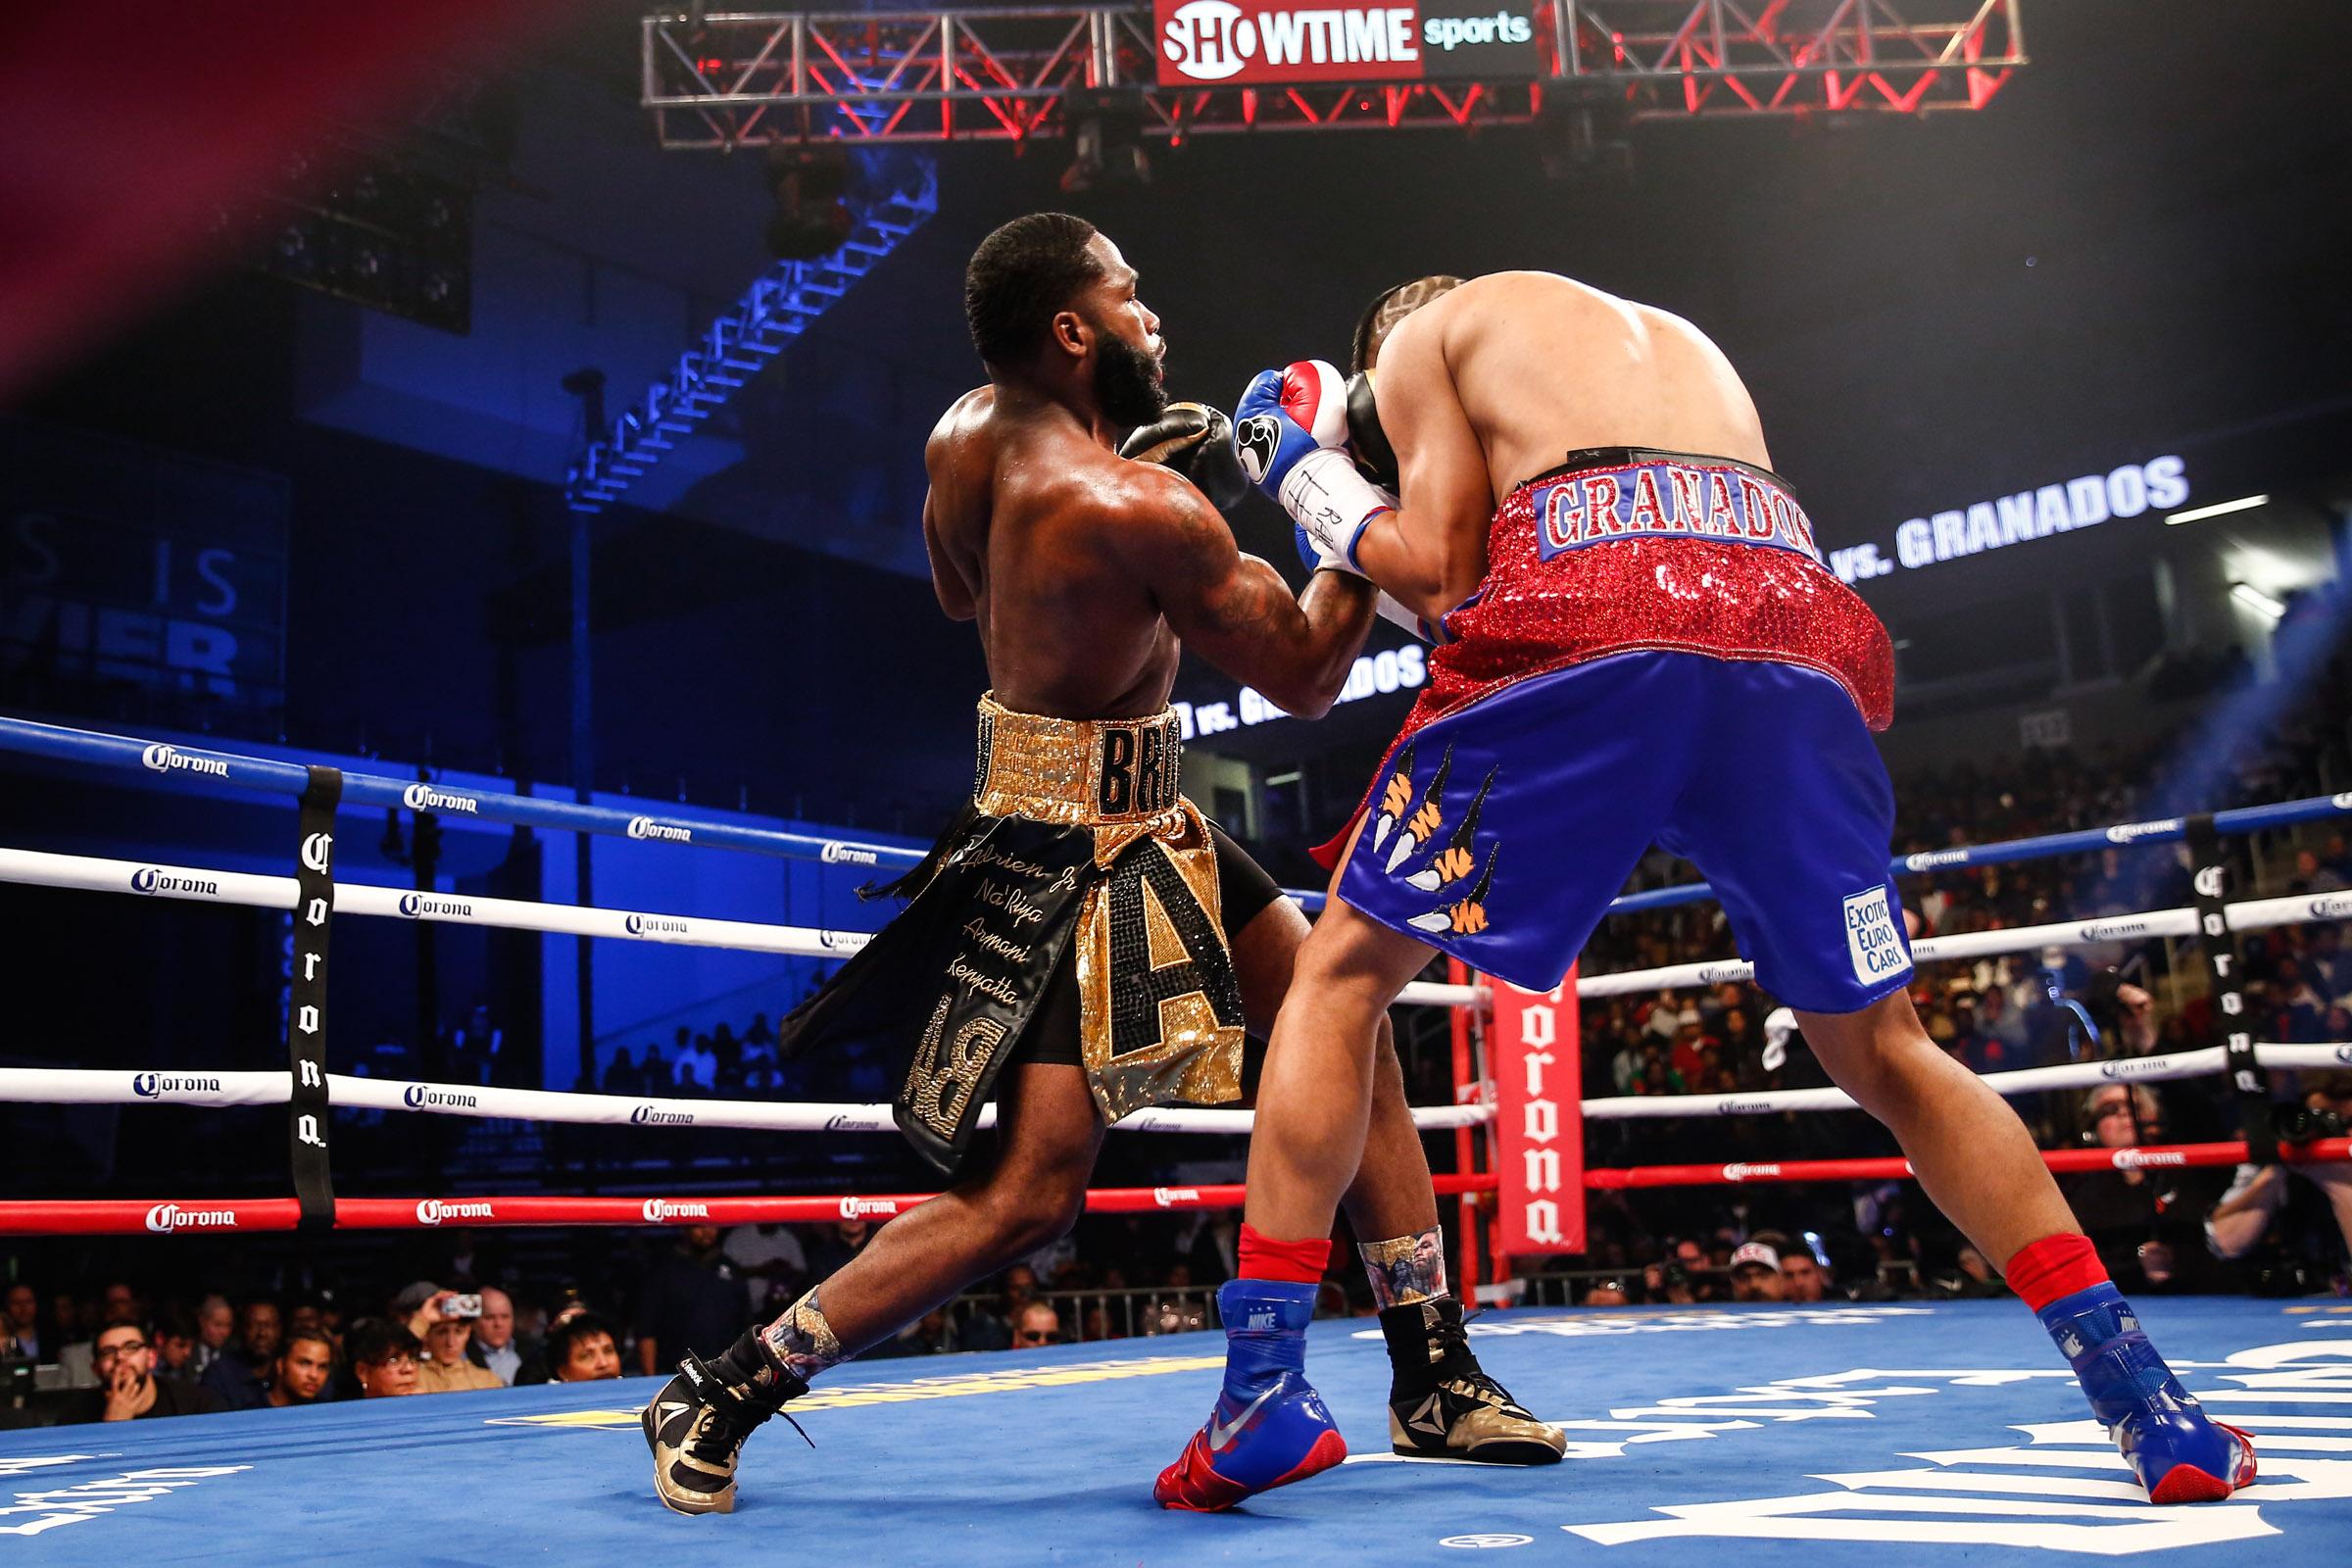 LR_SHO-FIGHT NIGHT-BRONER VS GRANADOS-02182017-0038.jpg